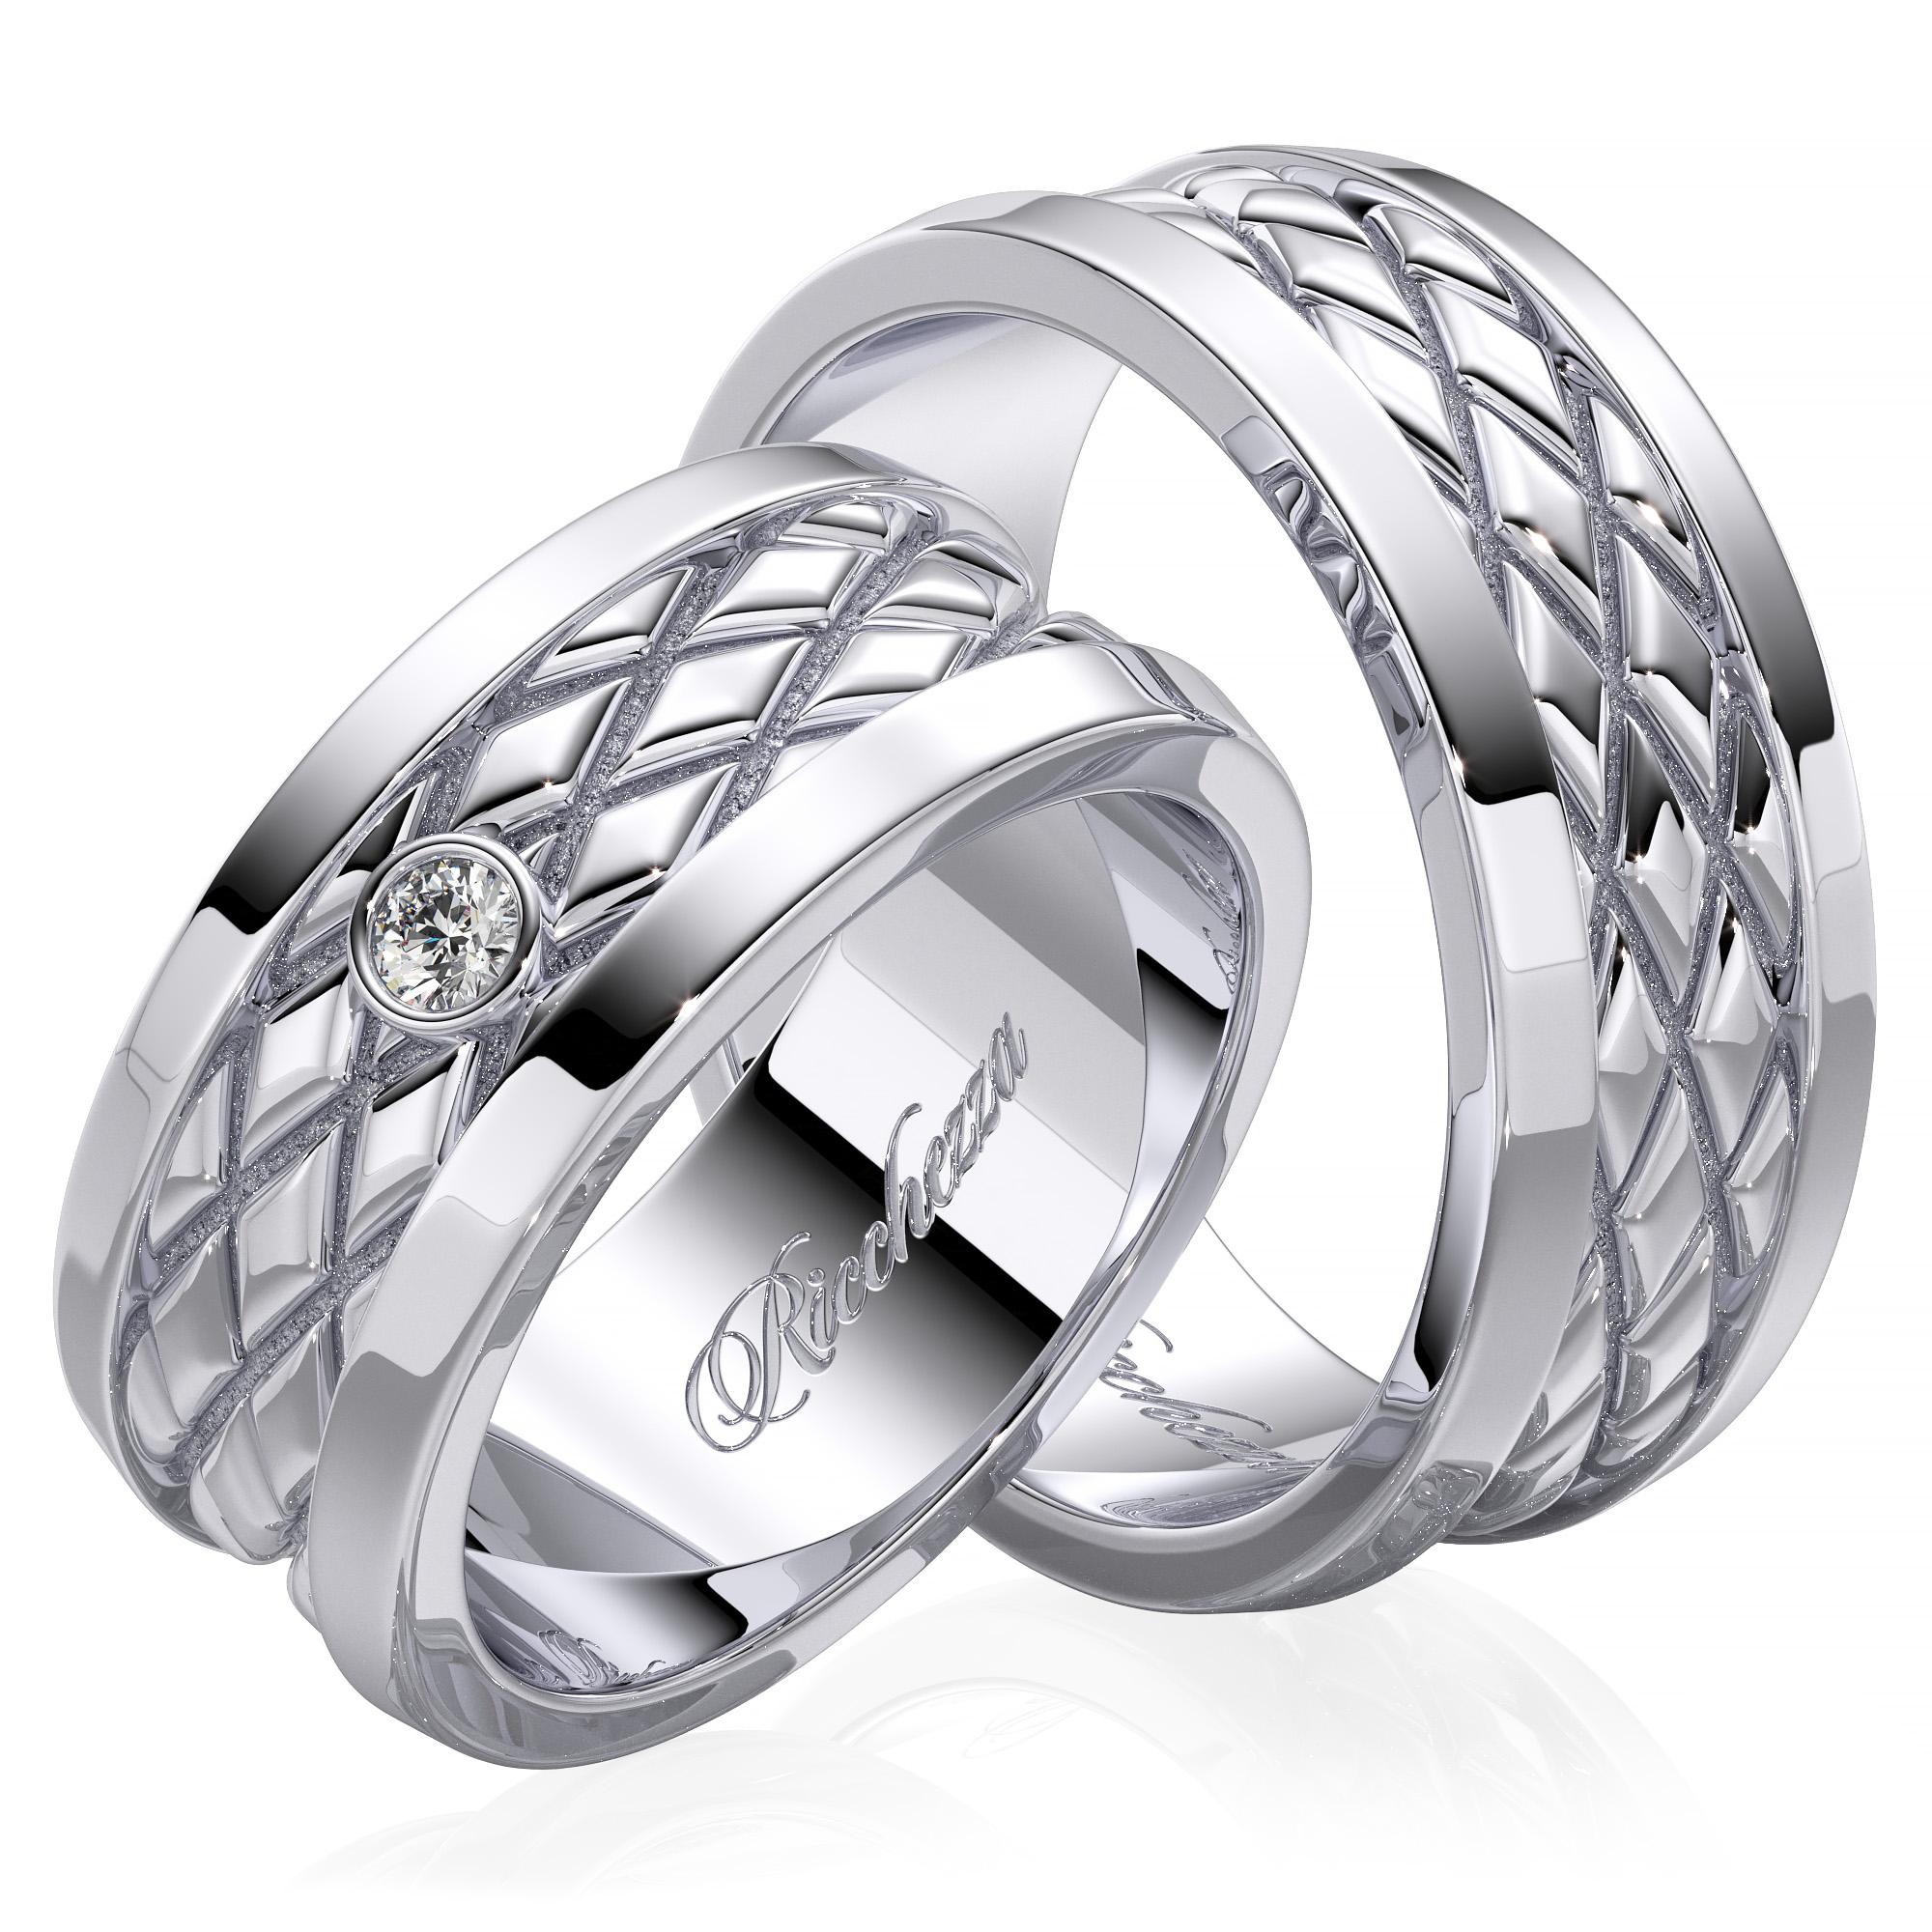 Обручальные кольца ERS70 - купить оптом на Qoovee Market 05a66636c34